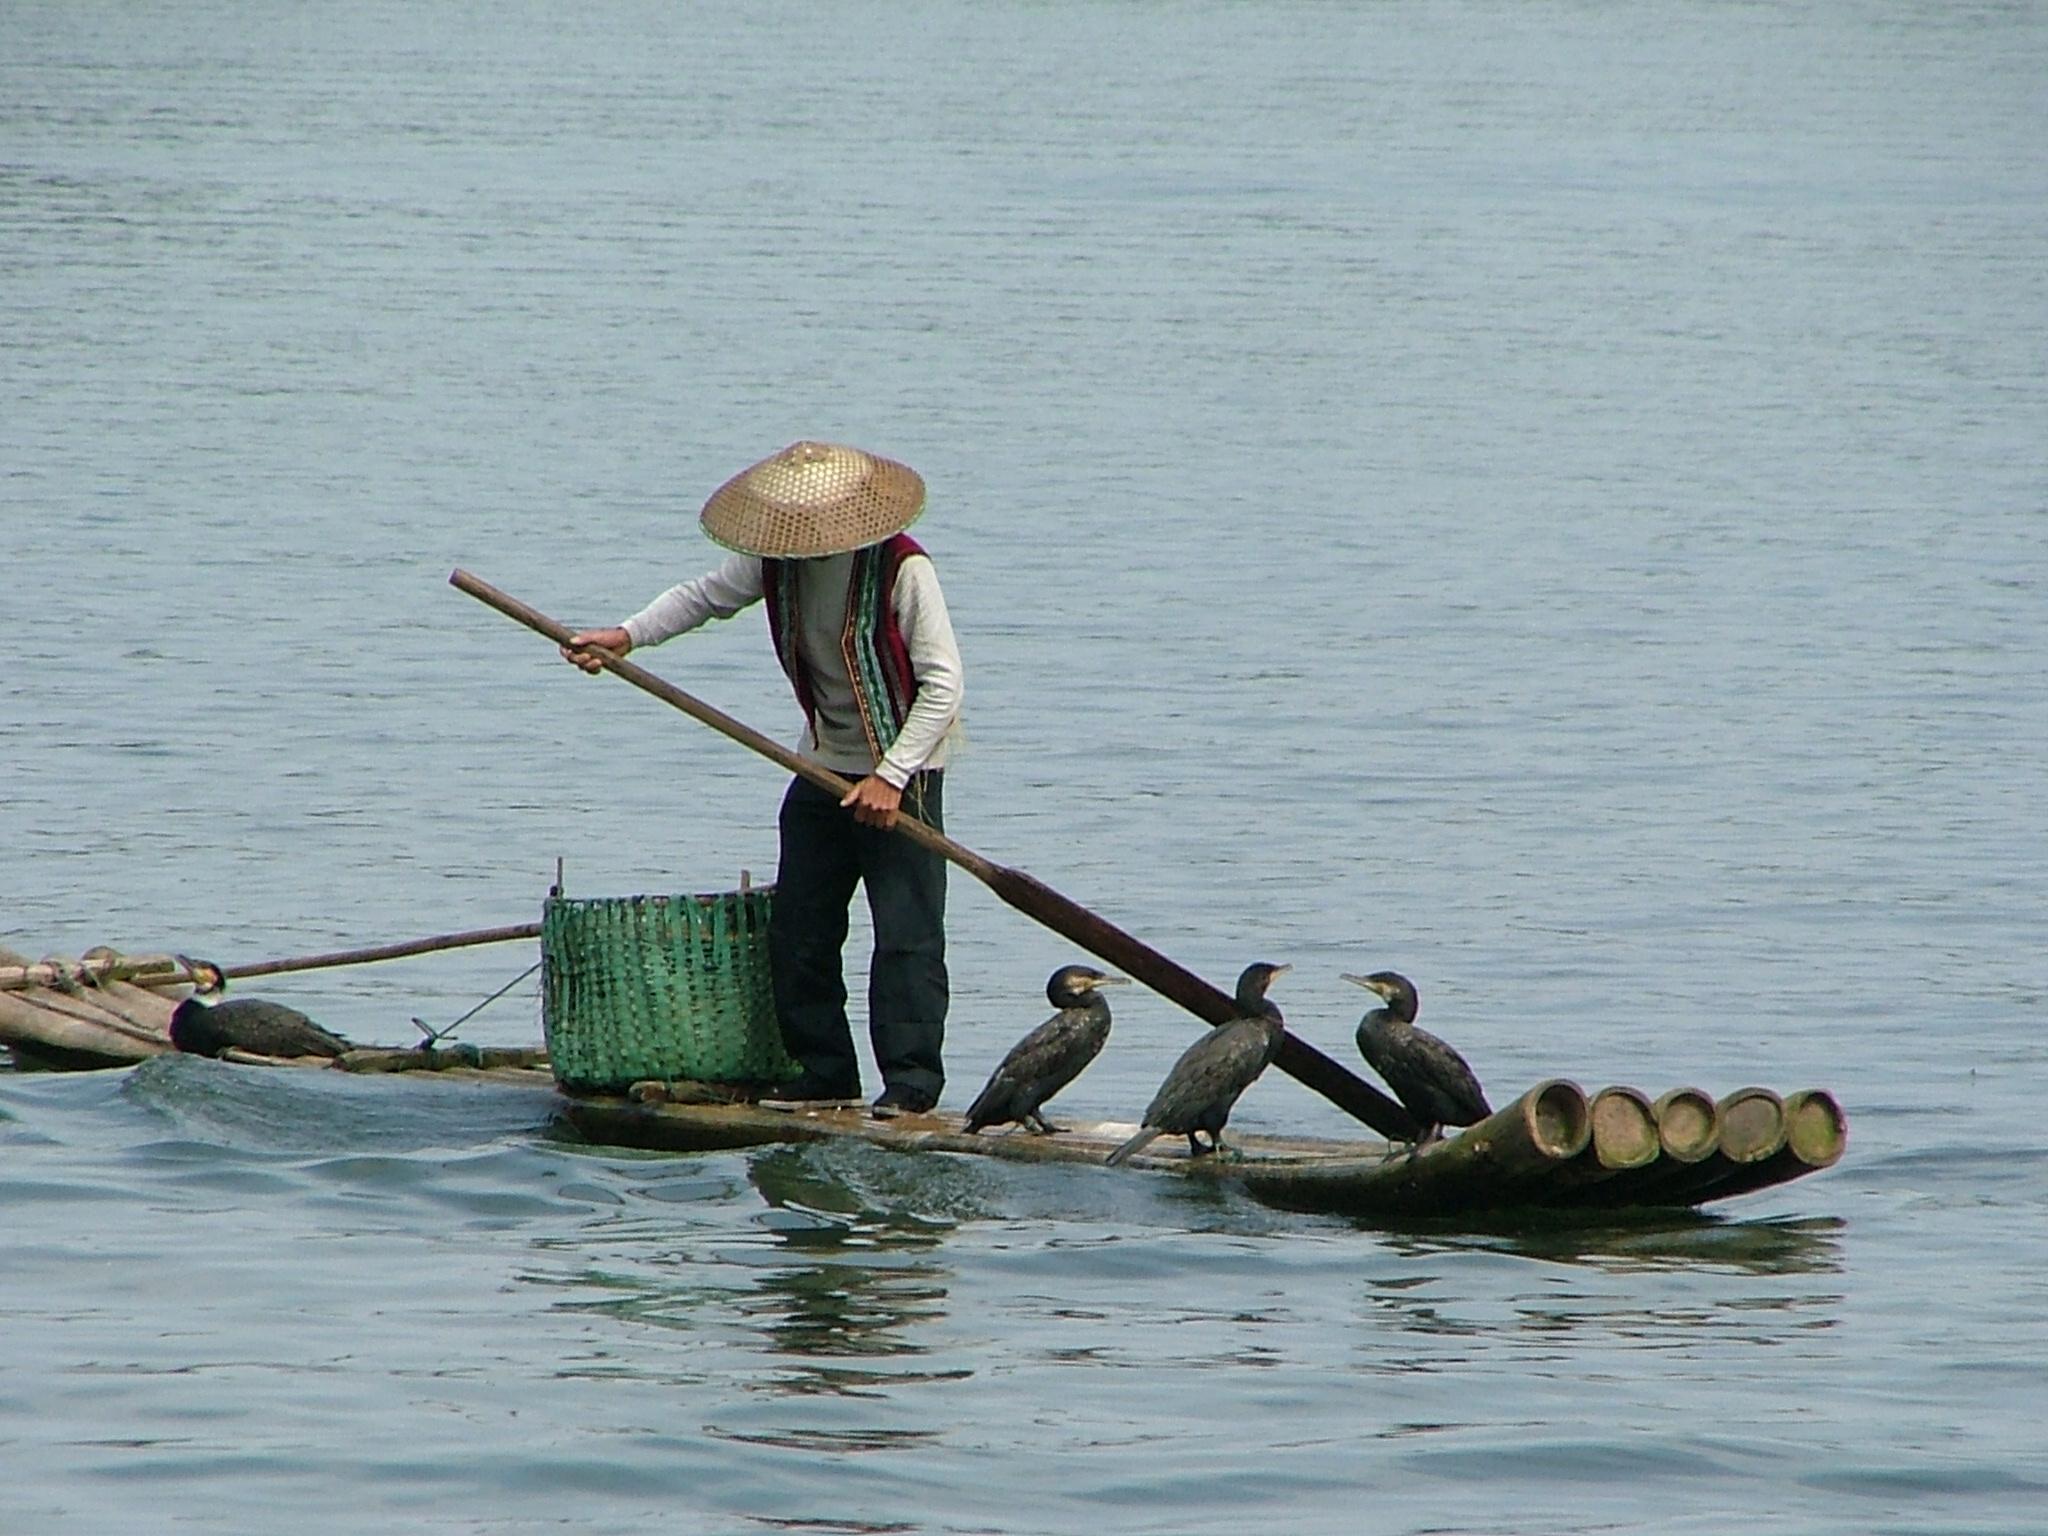 נהר הלי, גווילין, סין